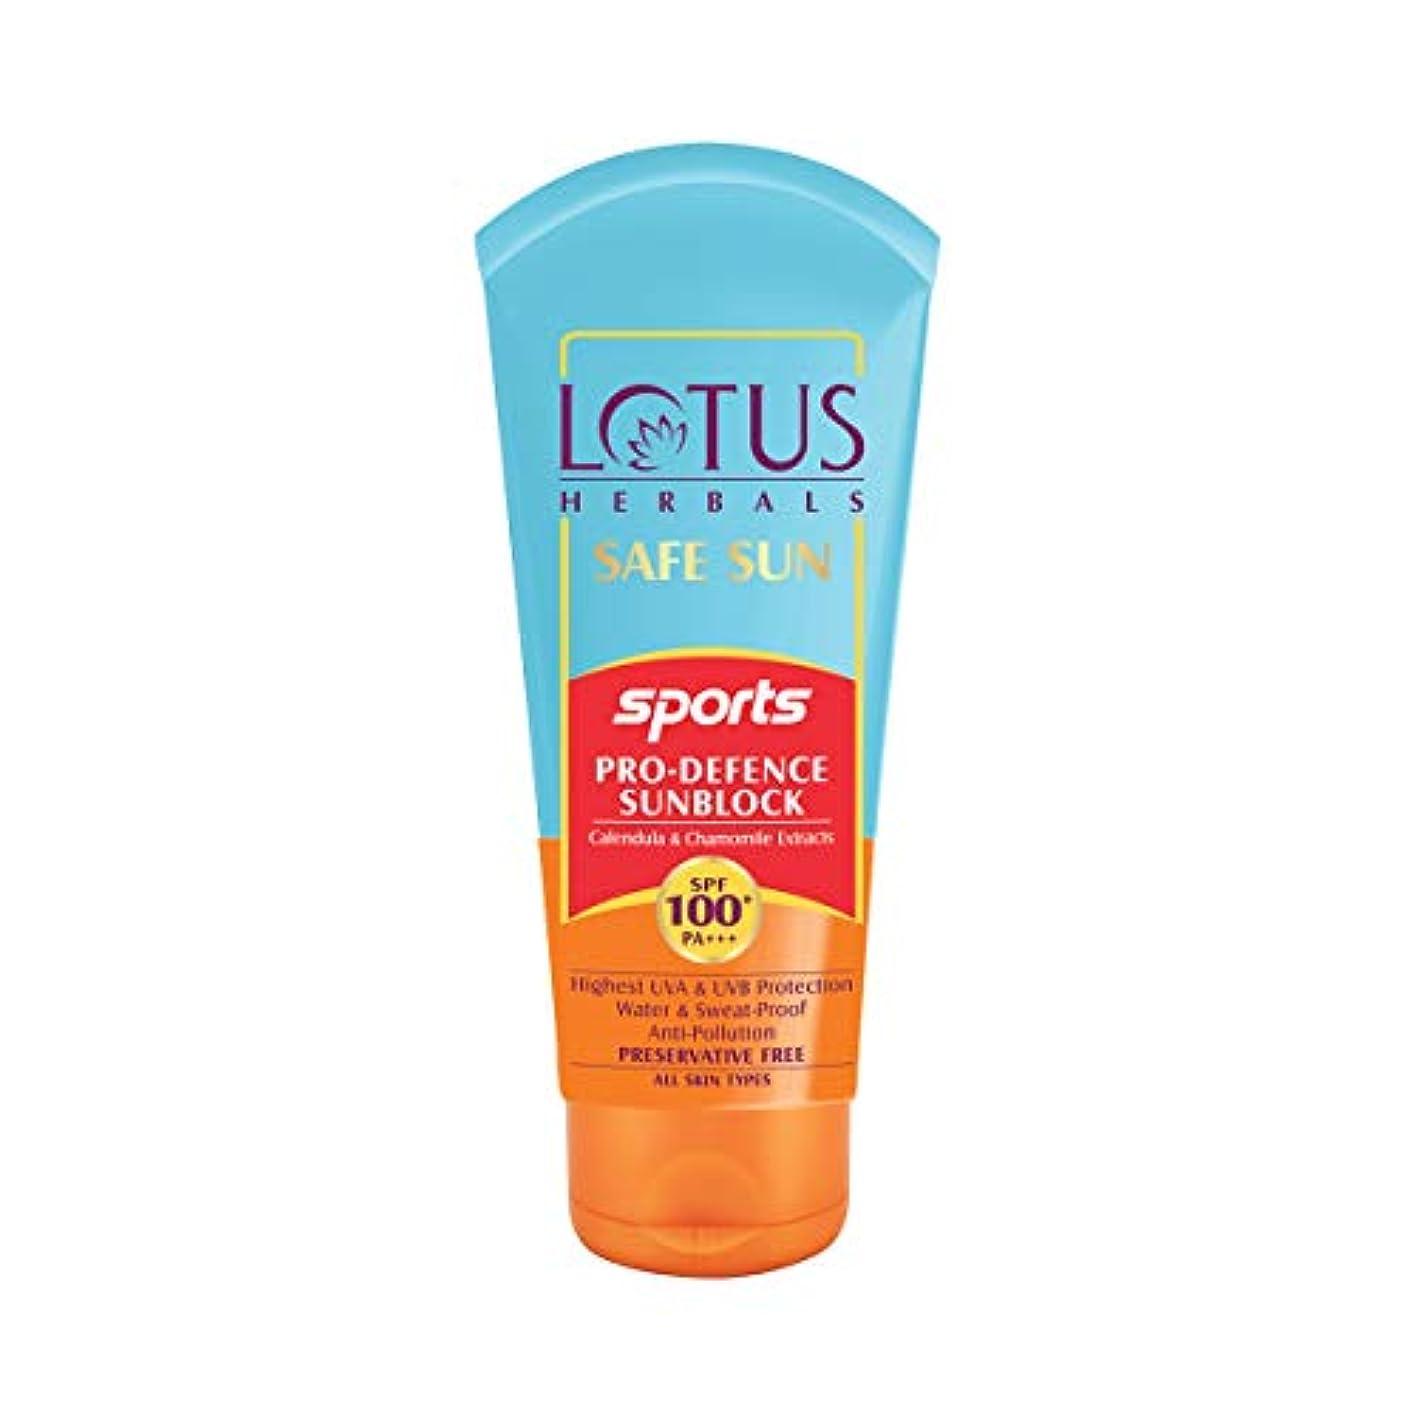 クロス気難しい天皇Lotus Herbals Safe Sun Sports Pro-Defence Sunblock Spf 100+ Pa+++, 80 g (Calendula and chamomile extracts)